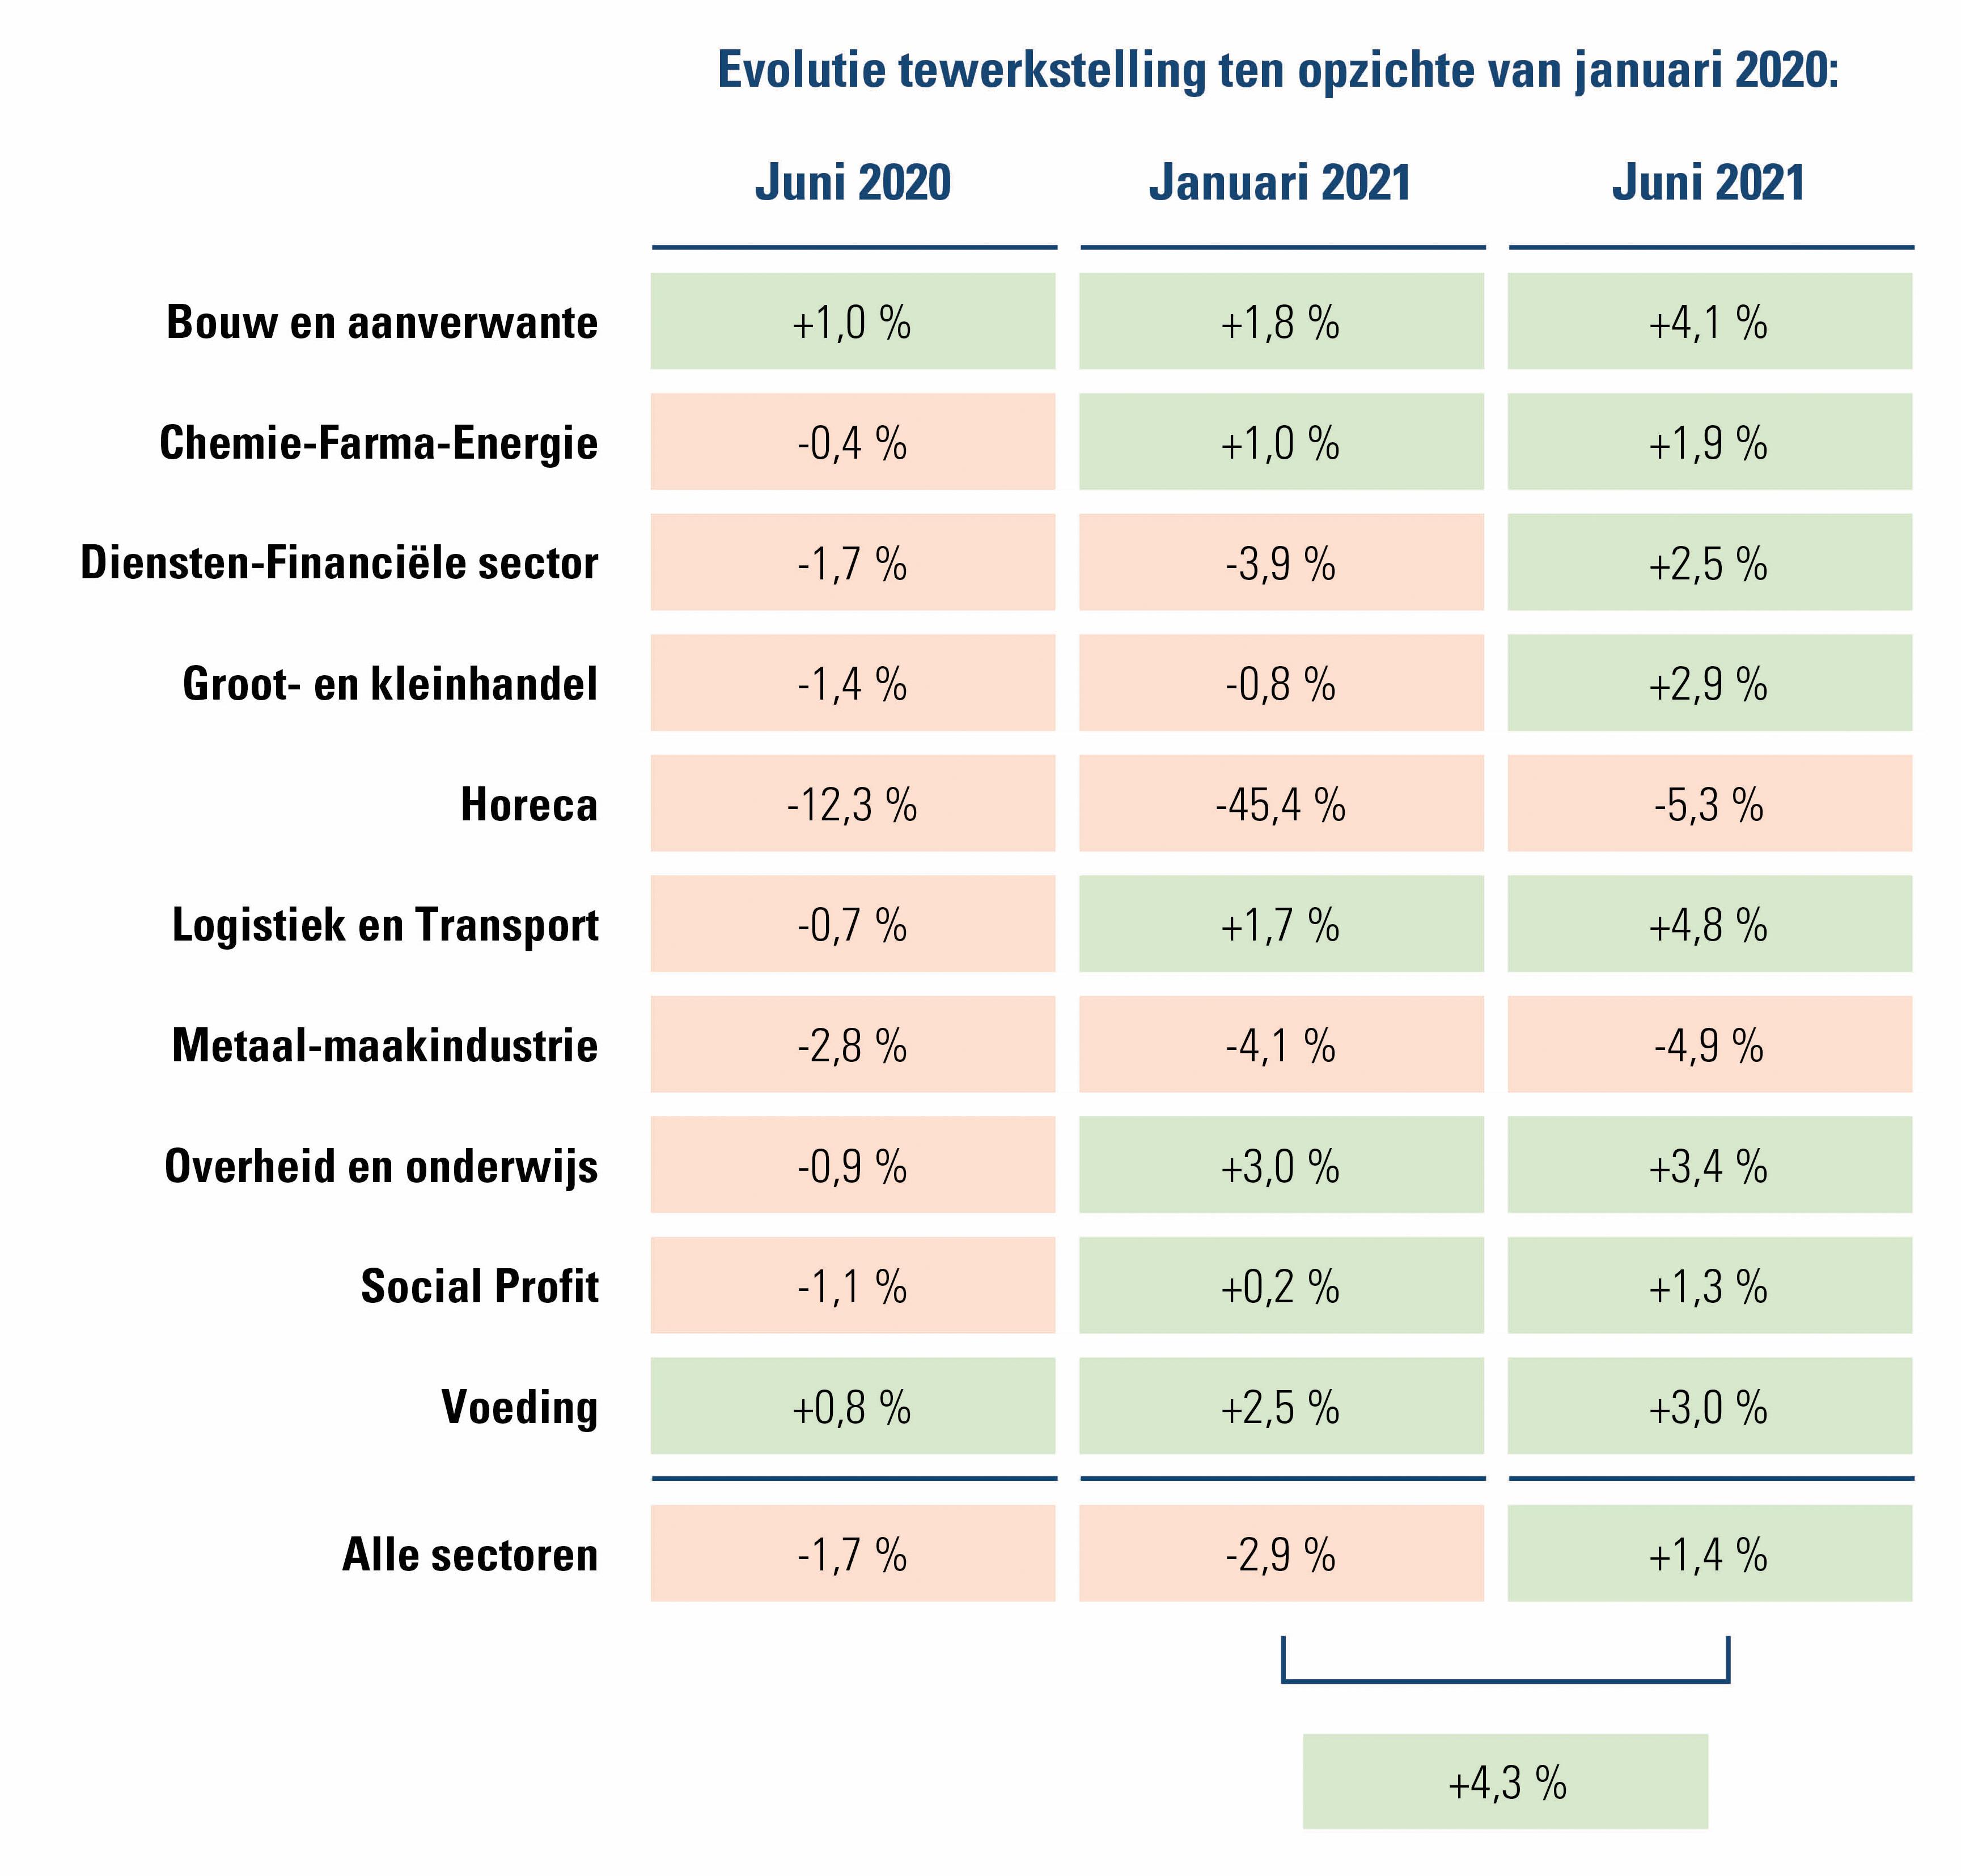 Evolutie tewerkstelling per sector in vergelijking met januari 2020